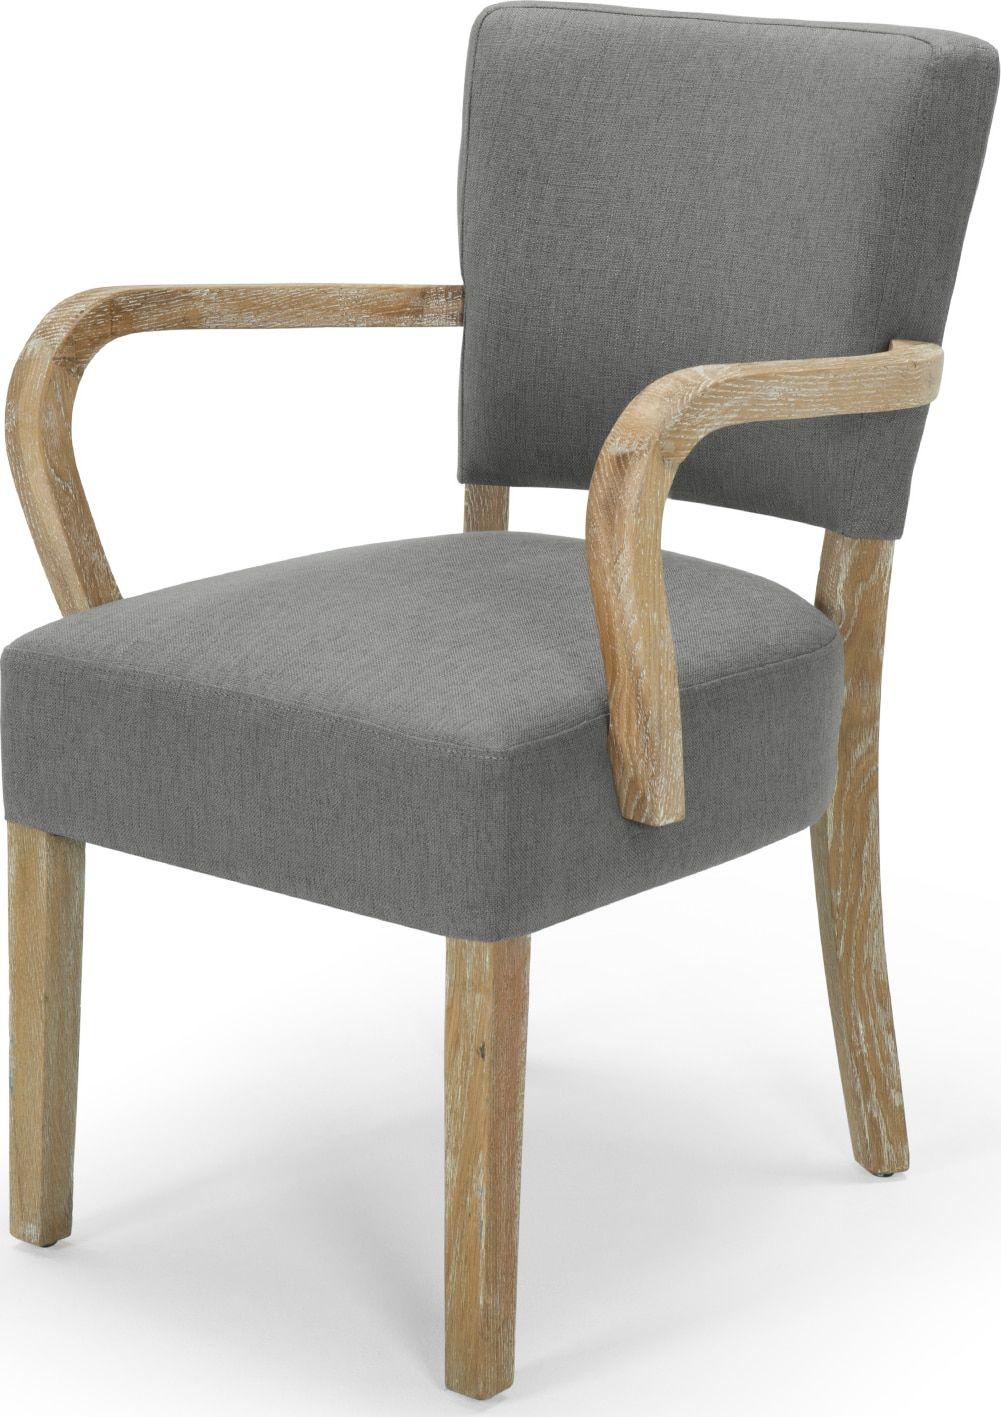 Enjoyable Carver Chair In Upholstered Graphite Grey Irvington Dailytribune Chair Design For Home Dailytribuneorg